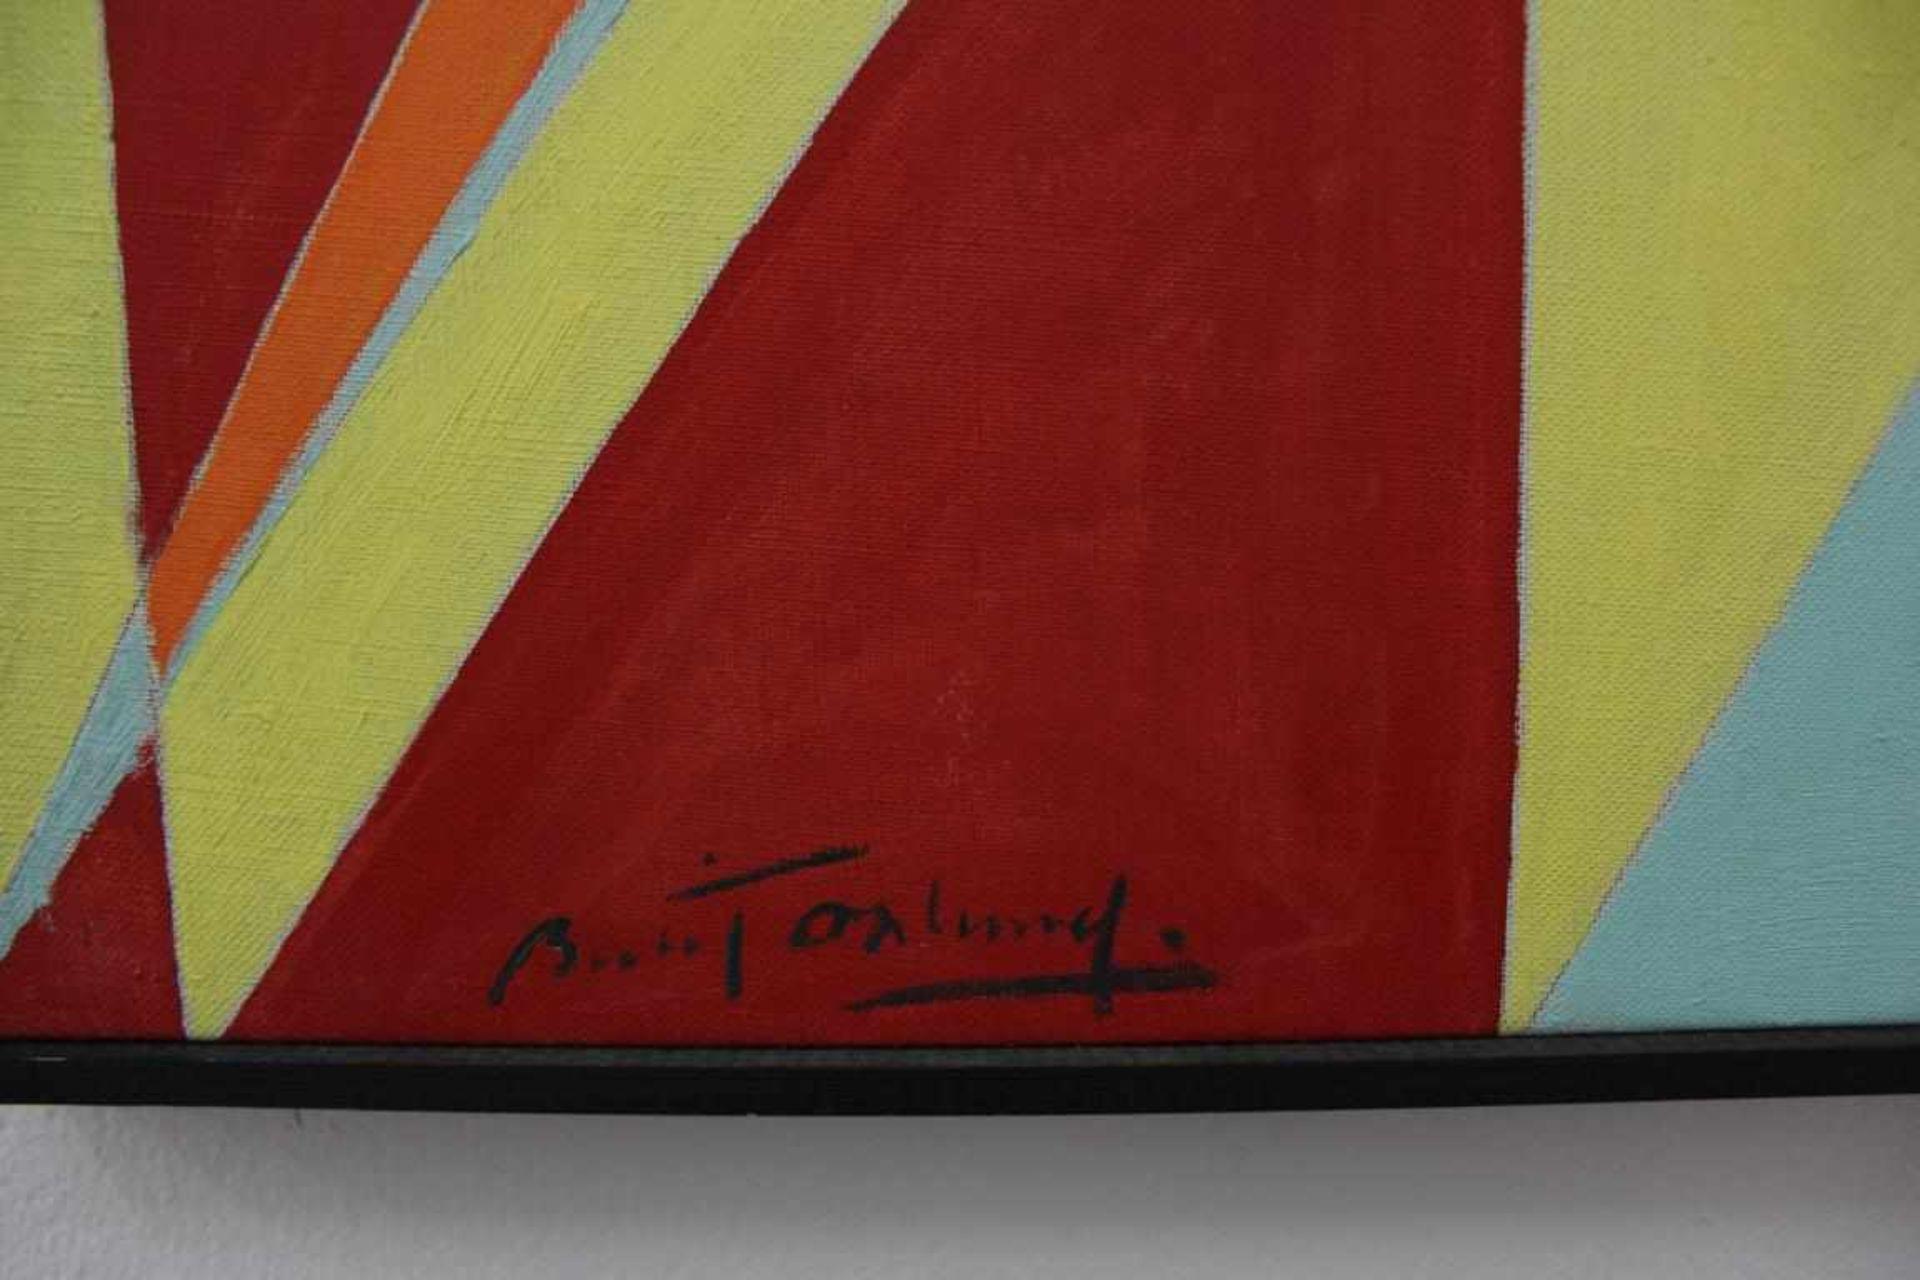 Ölund Bertl Dioptrique rouge-janne II 1957 Öl auf Leinwand handsigniert, datiert und bezeichnet - Bild 2 aus 3